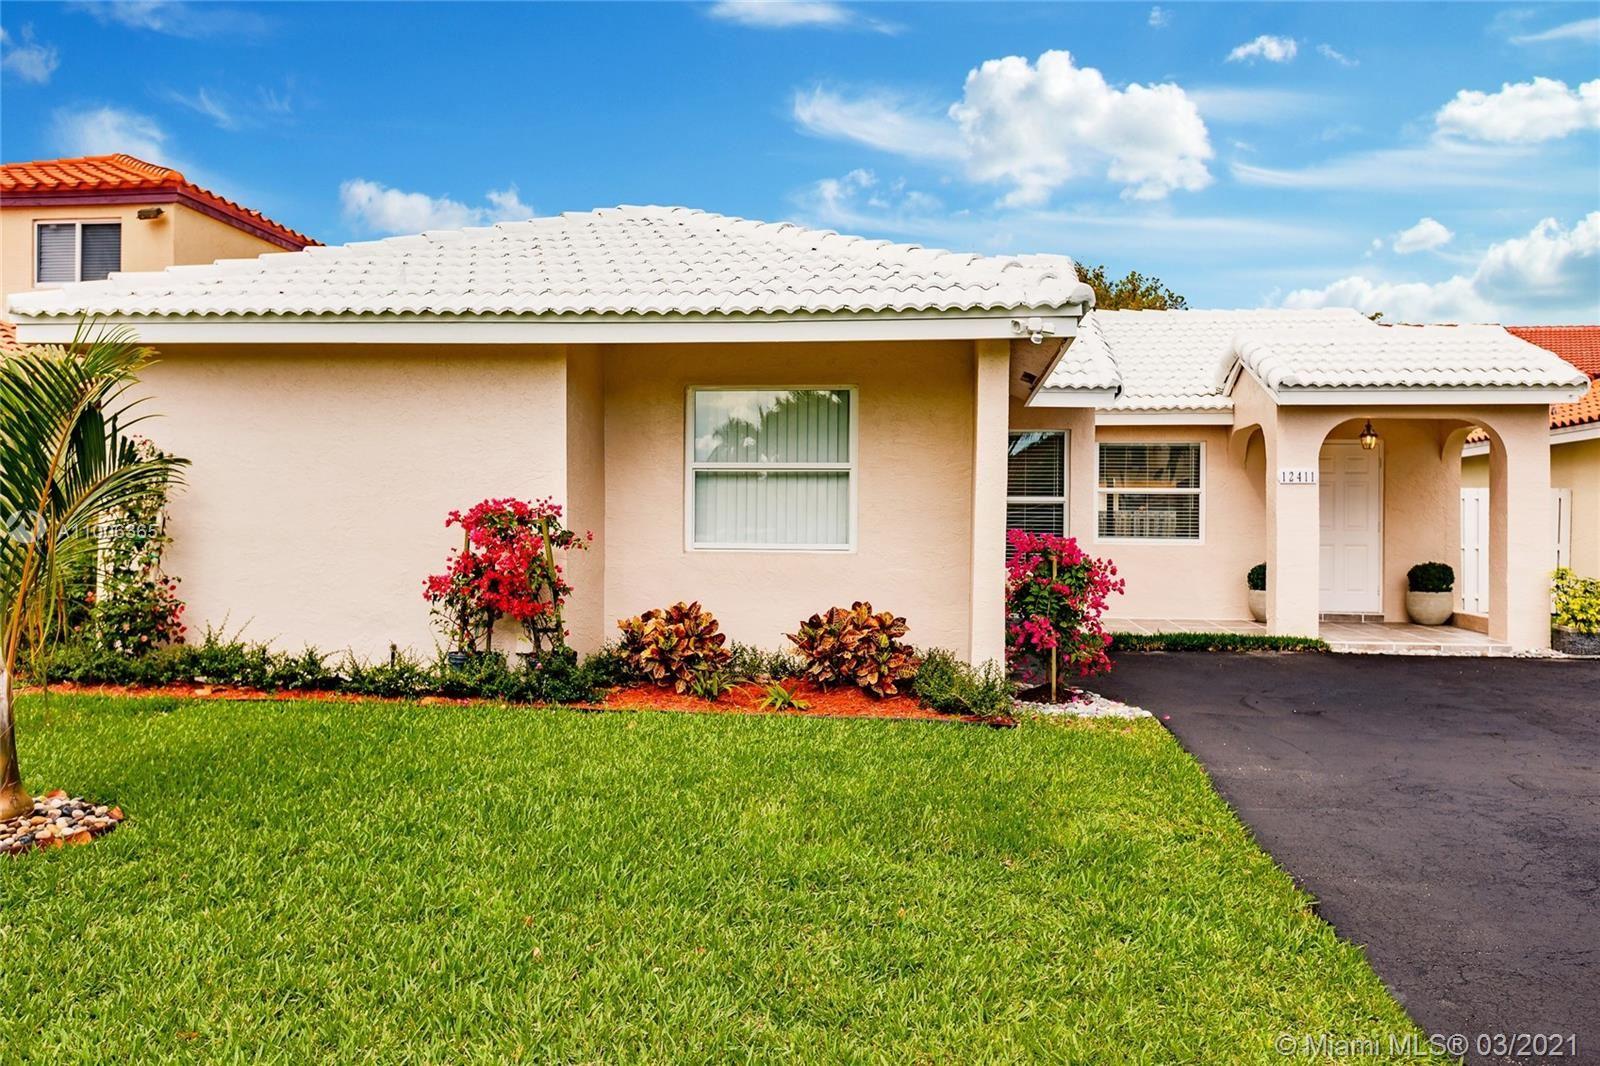 12411 SW 95th Ter, Miami, FL 33186 - #: A11006365